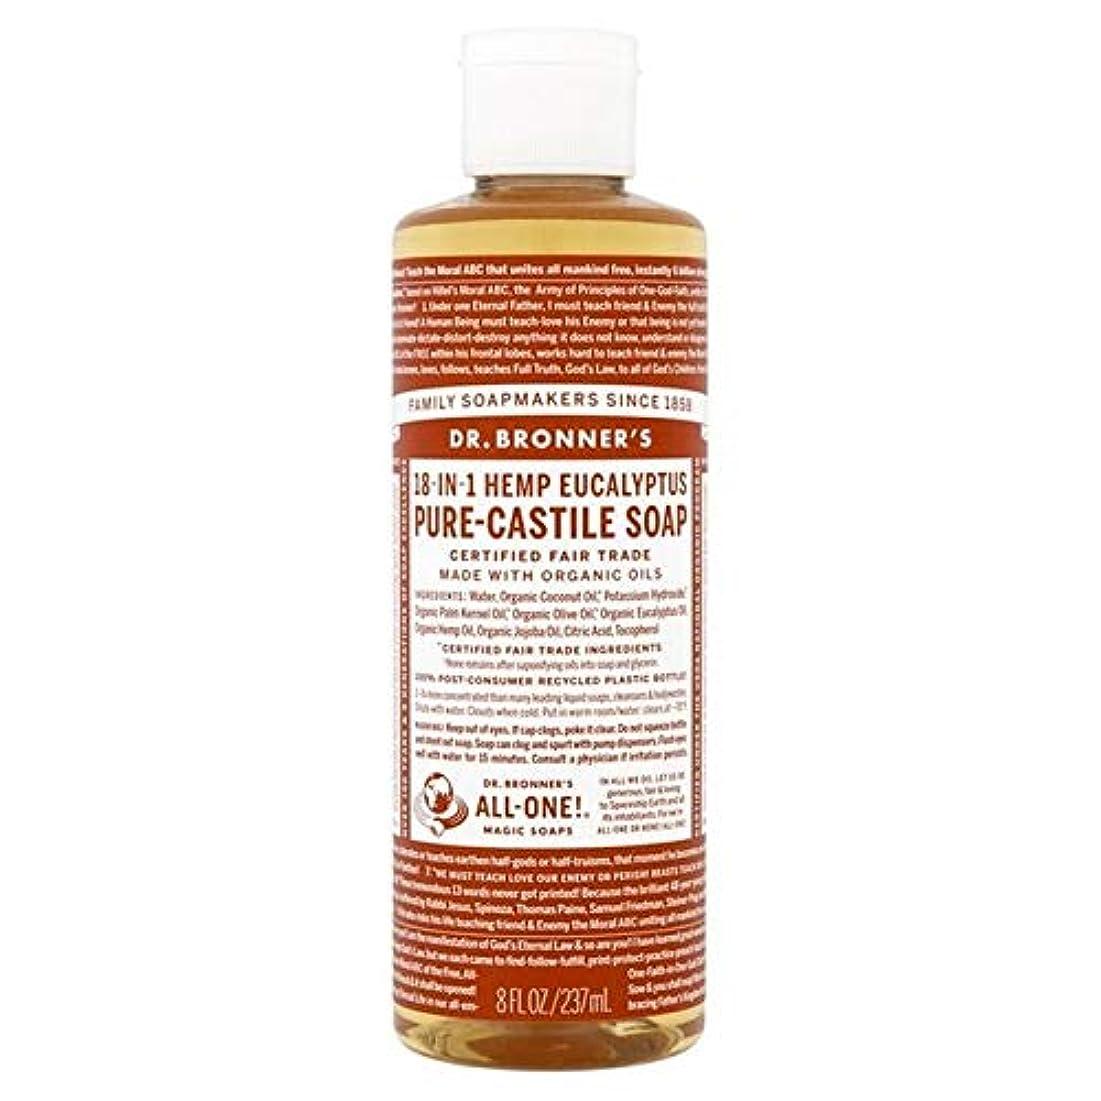 潜む尽きる微妙[Dr Bronner] Dr。ブロナーズ有機ユーカリの純粋な-カスティーリャ液体石鹸237ミリリットル - Dr. Bronner's Organic Eucalyptus Pure-Castile Liquid Soap...